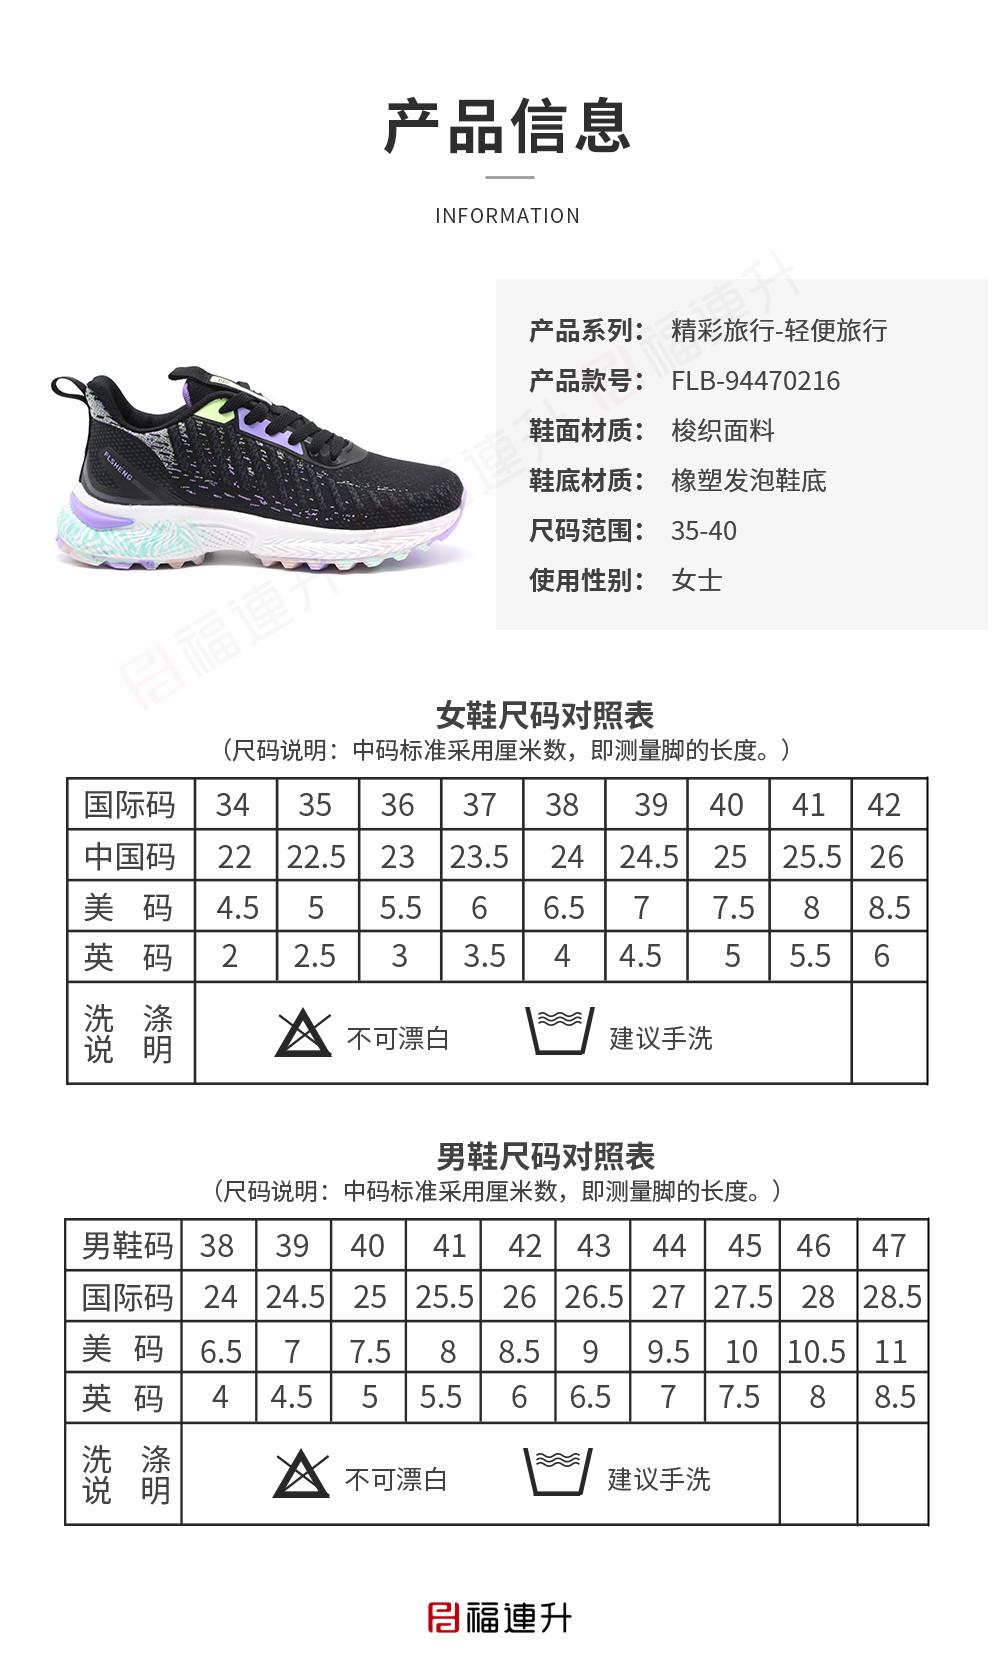 福连升秋季休闲运动女鞋马拉松梭织防滑透气舒适旅游鞋图片